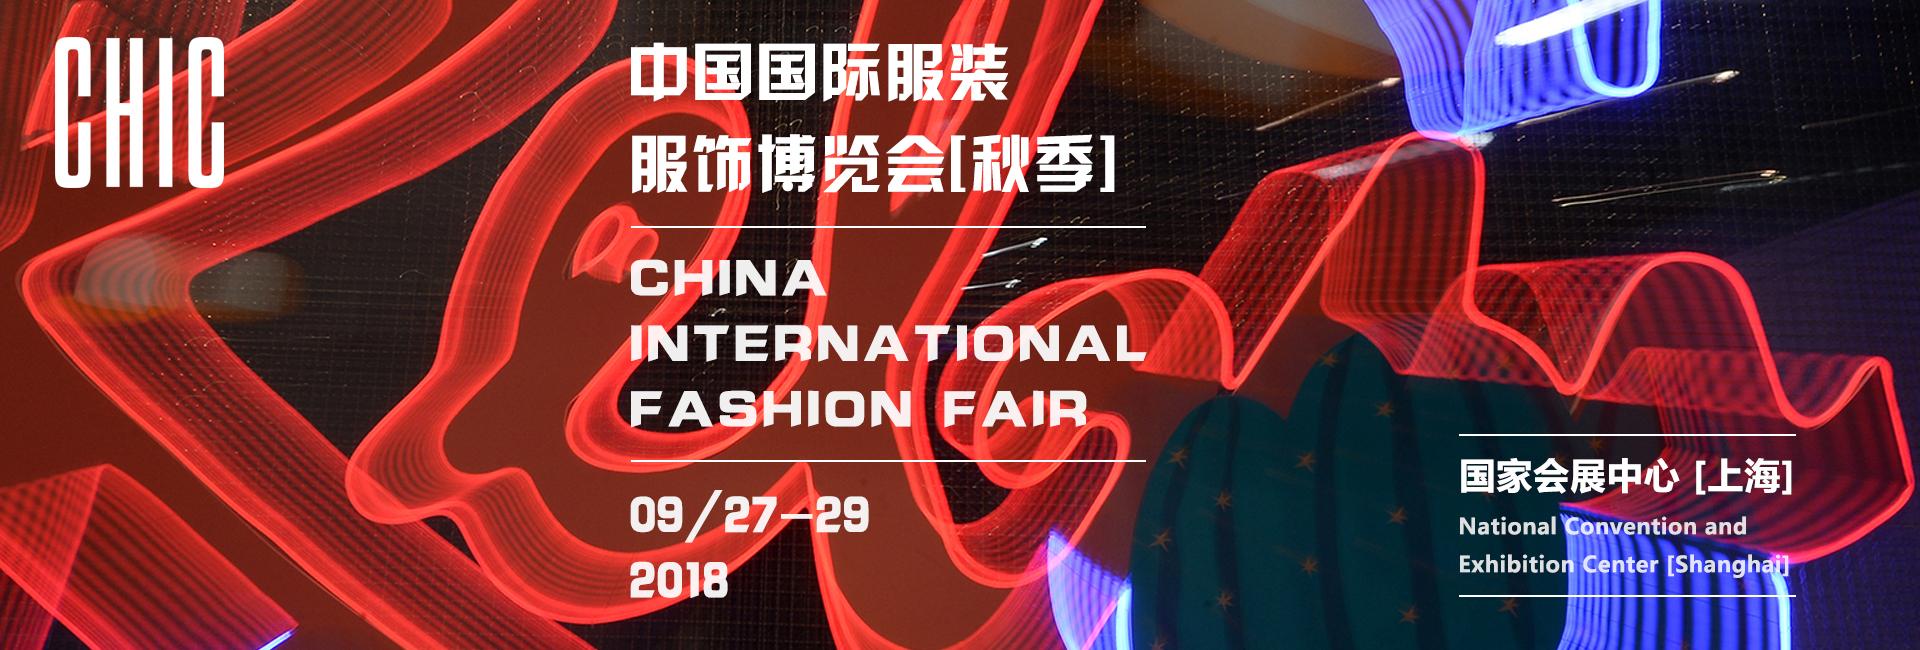 CHIC中国国际服装服饰博览会(秋季)